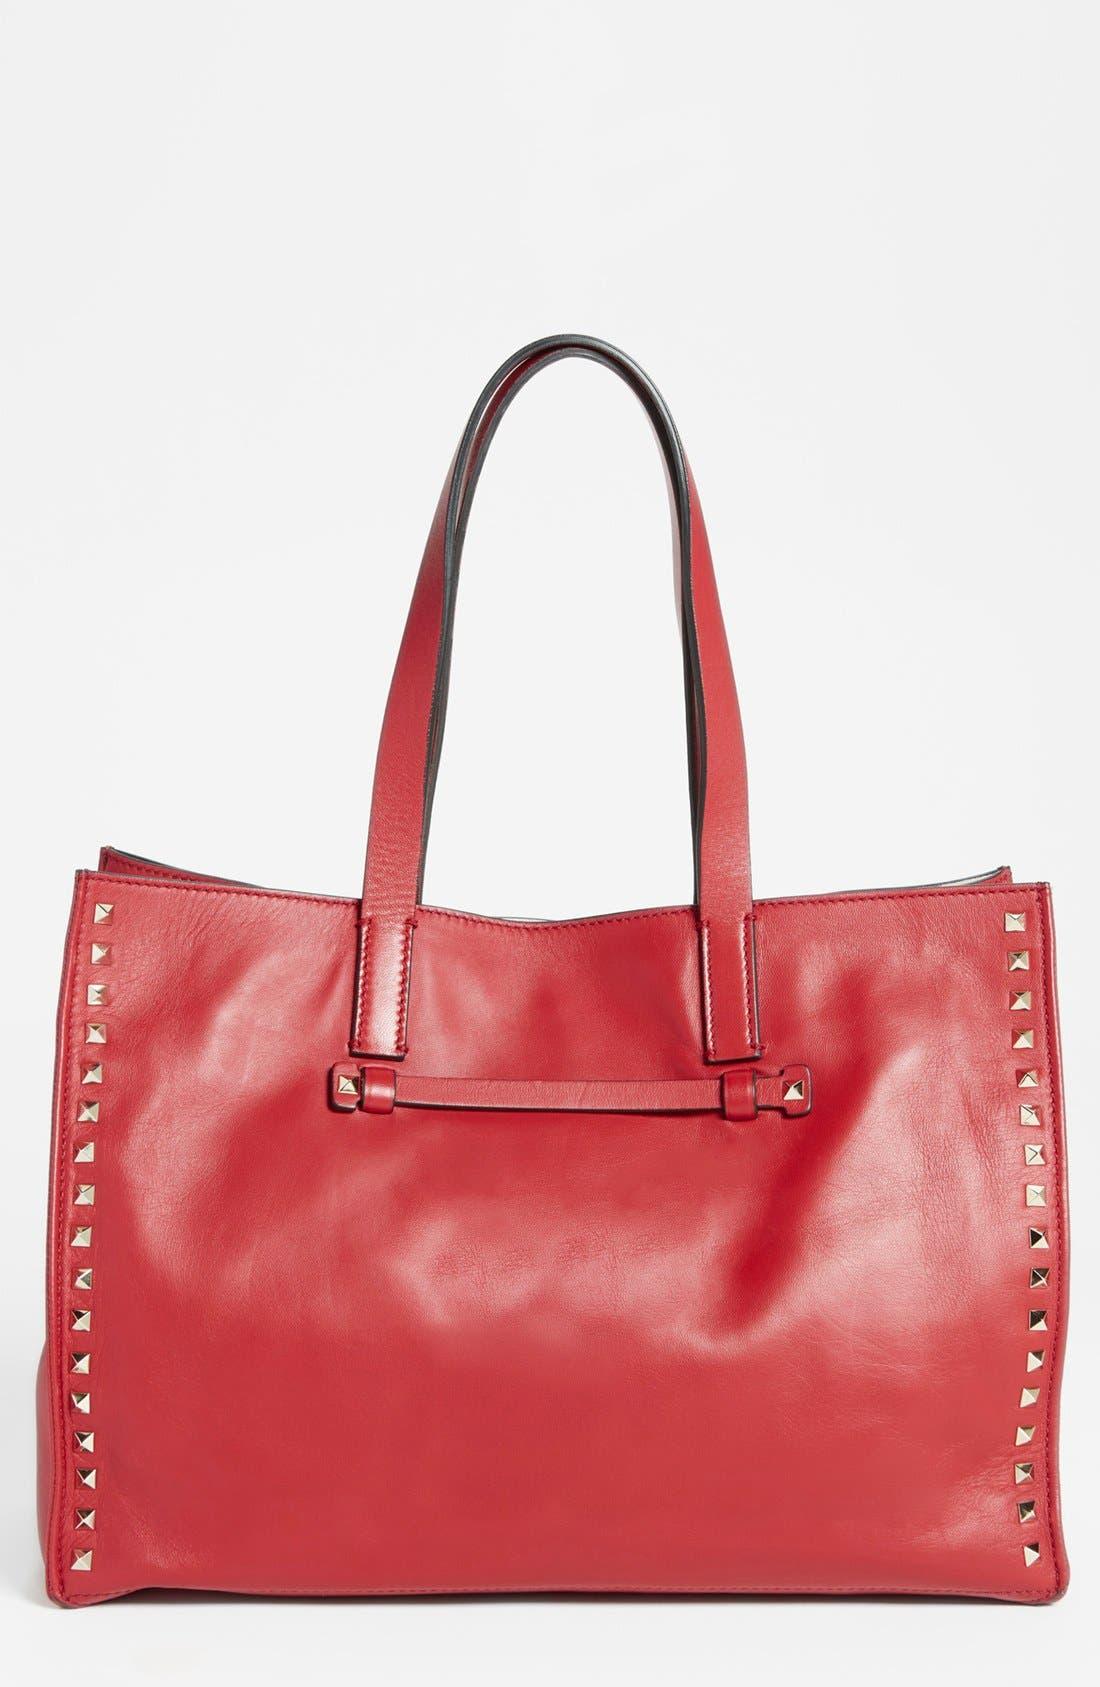 Alternate Image 1 Selected - Valentino 'Medium Rockstud' Leather Tote